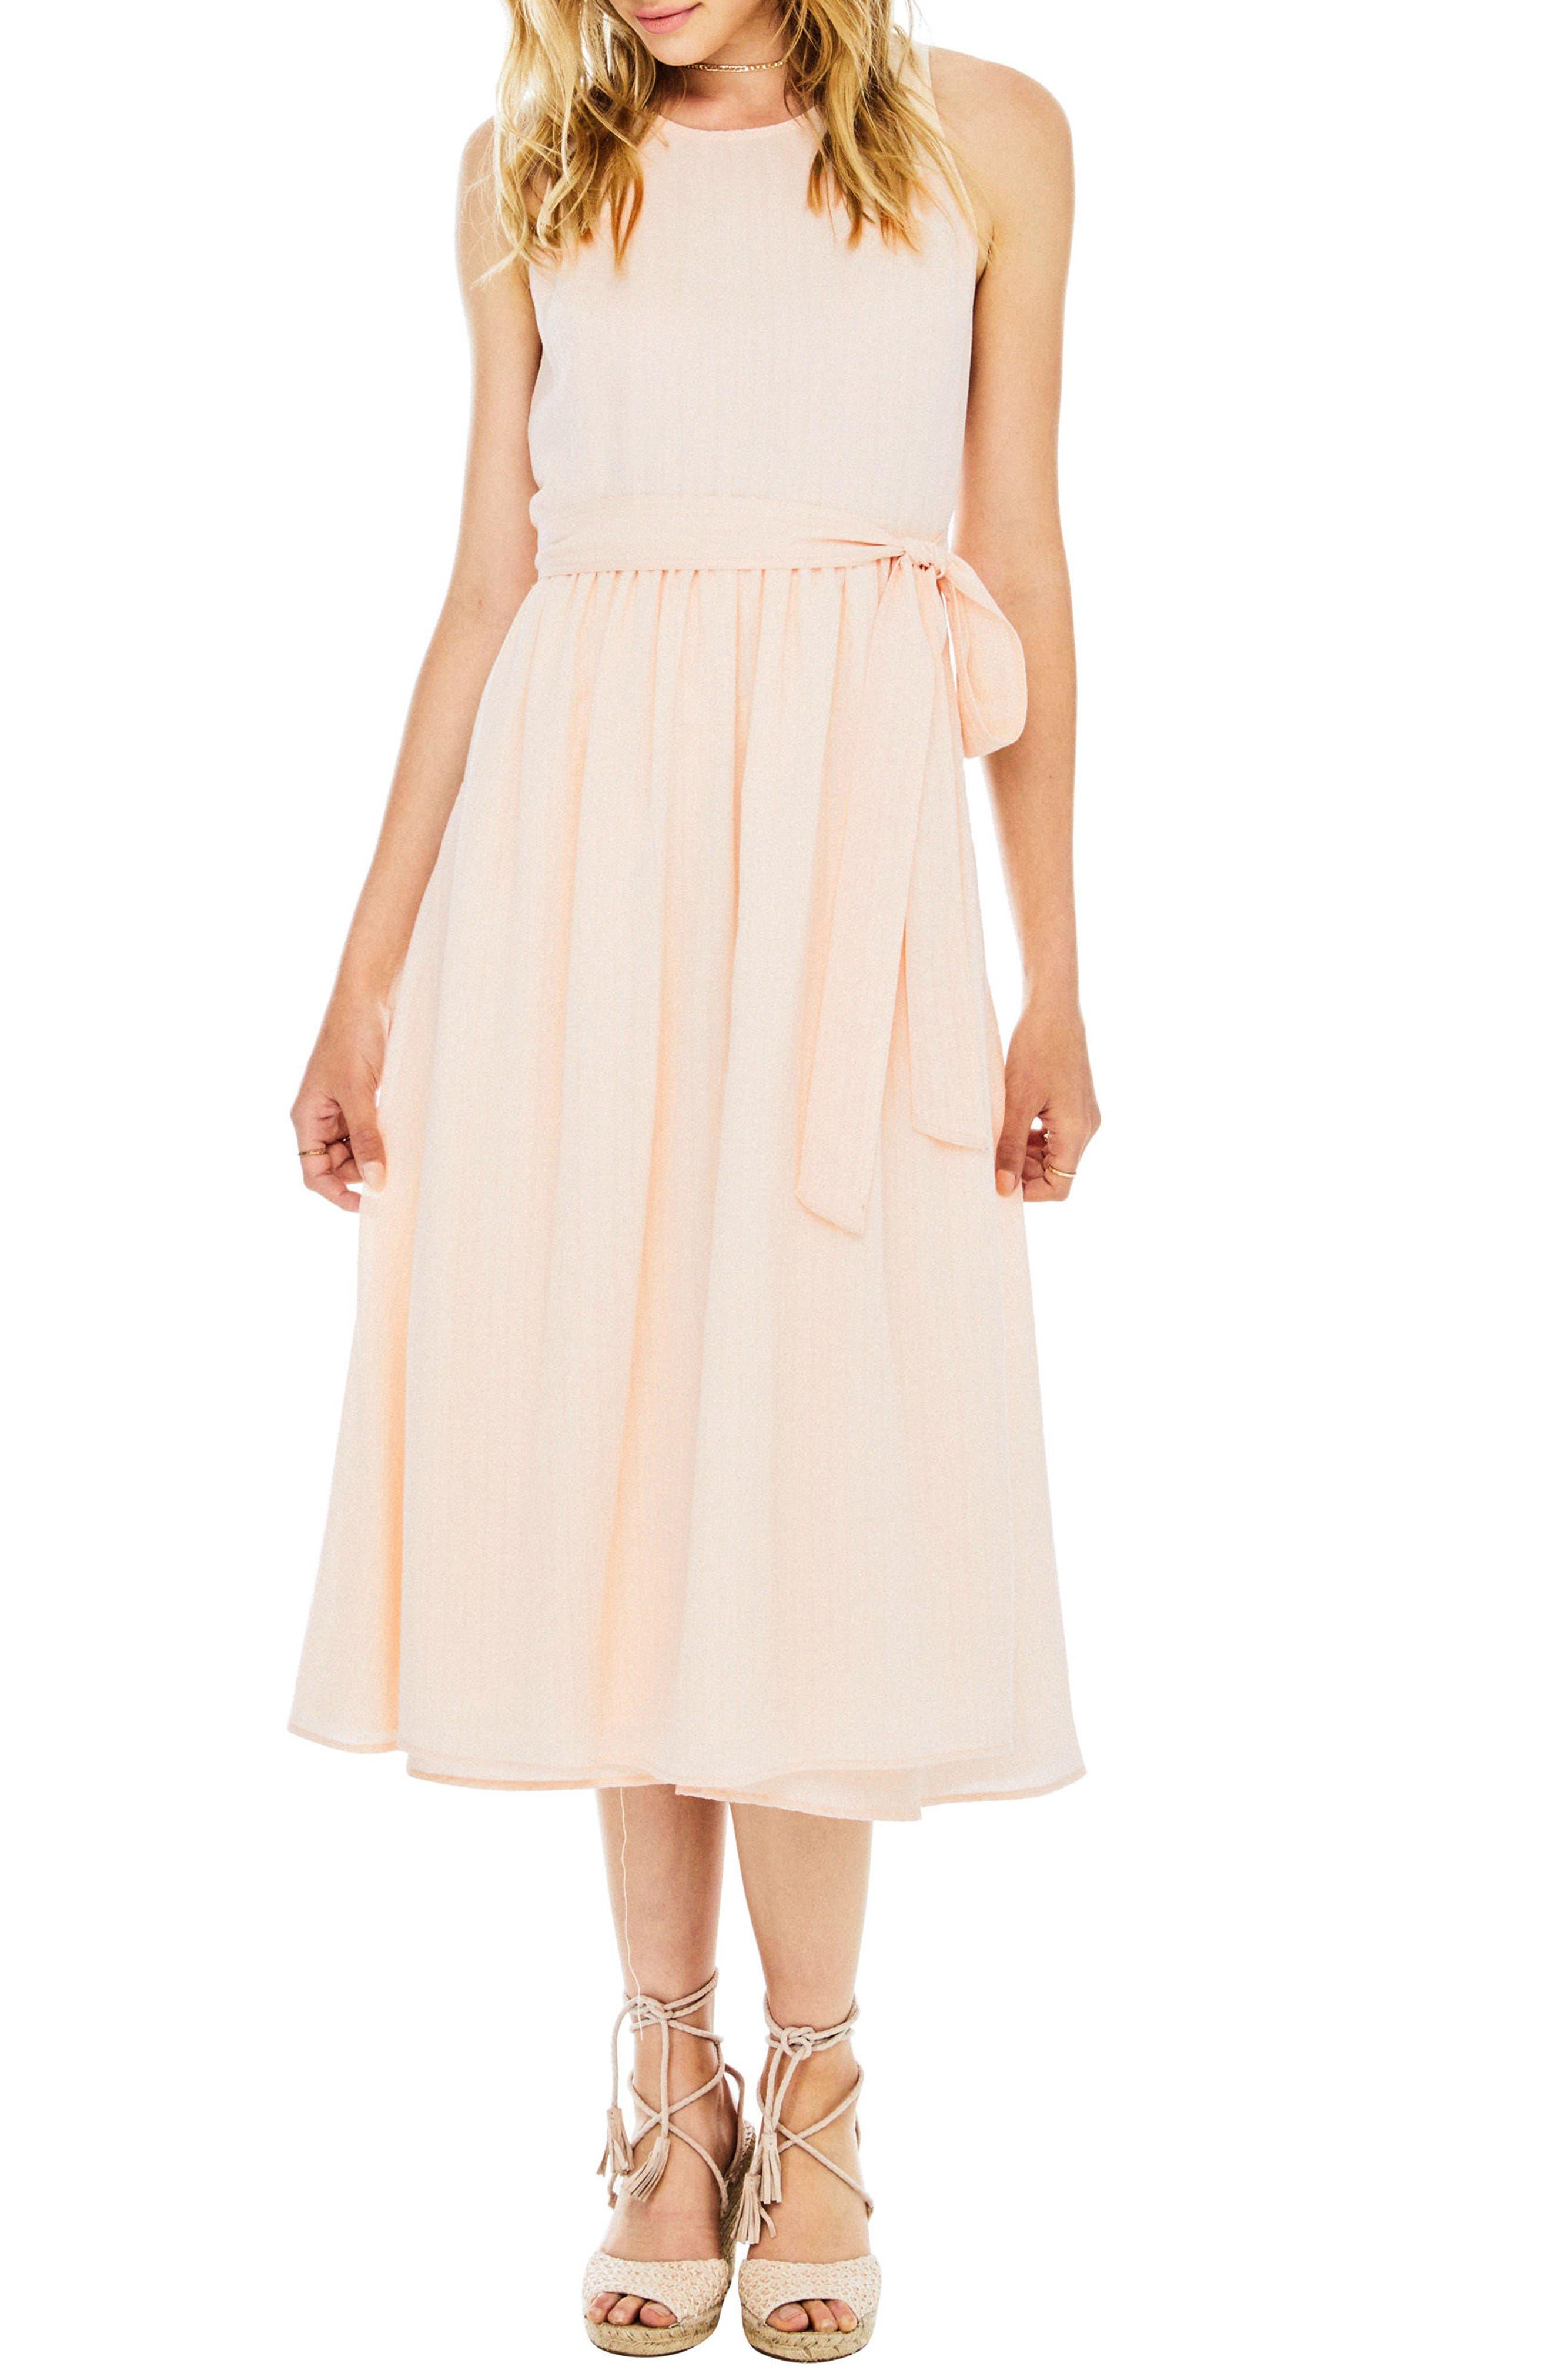 Brady Dress,                             Main thumbnail 1, color,                             Powder Pink